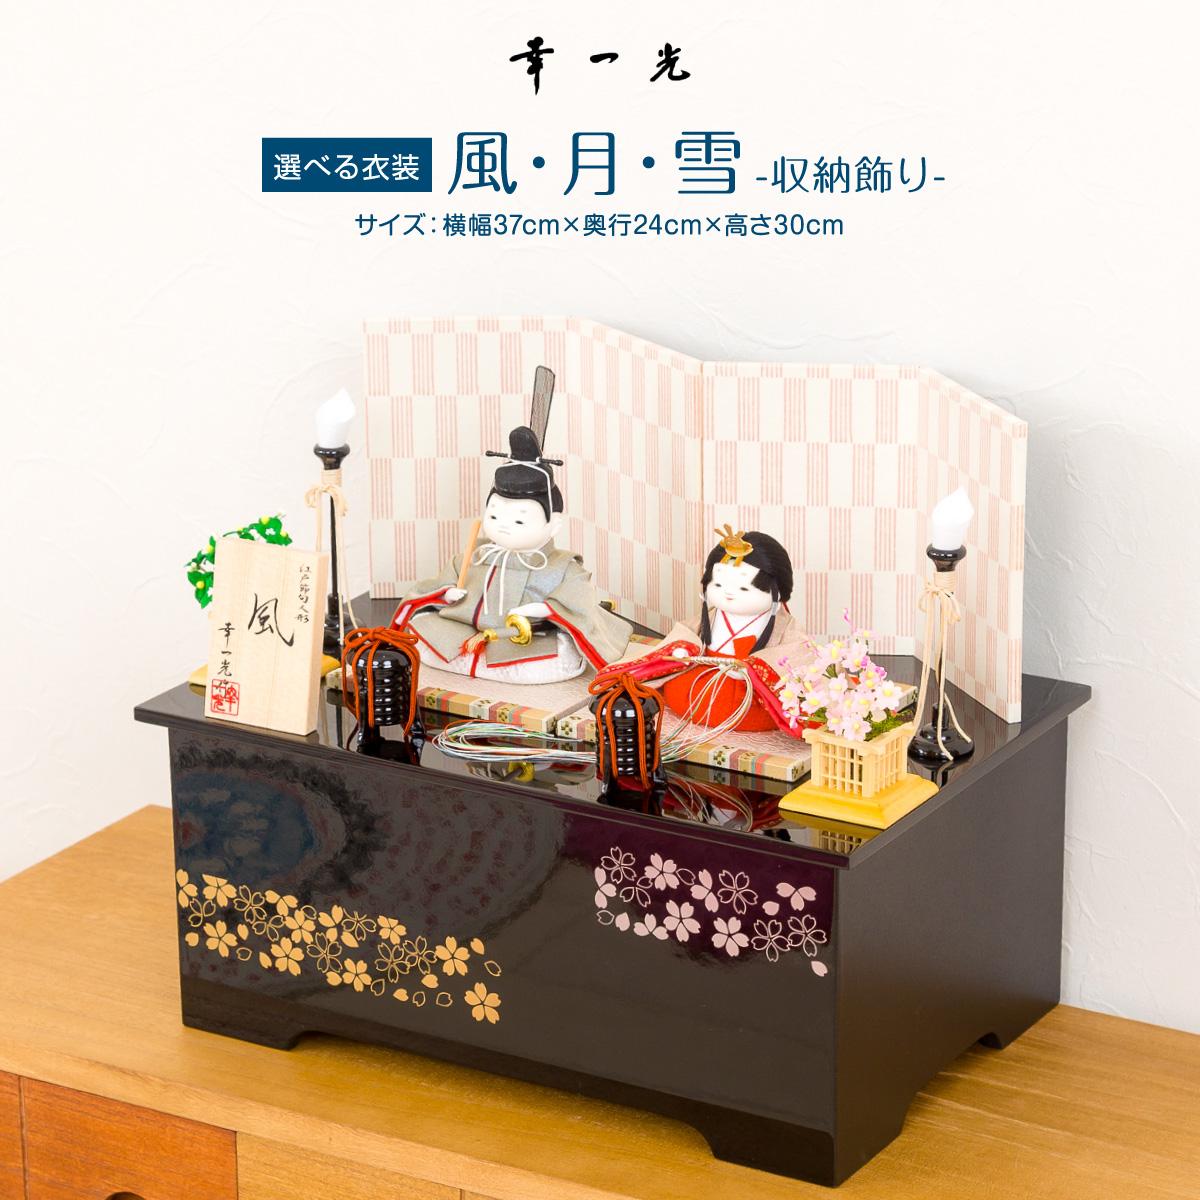 雛人形 収納飾り ひな人形 収納スペース付幸一光 選べる収納 風・月・雪 コンパクト 収納雛 特選